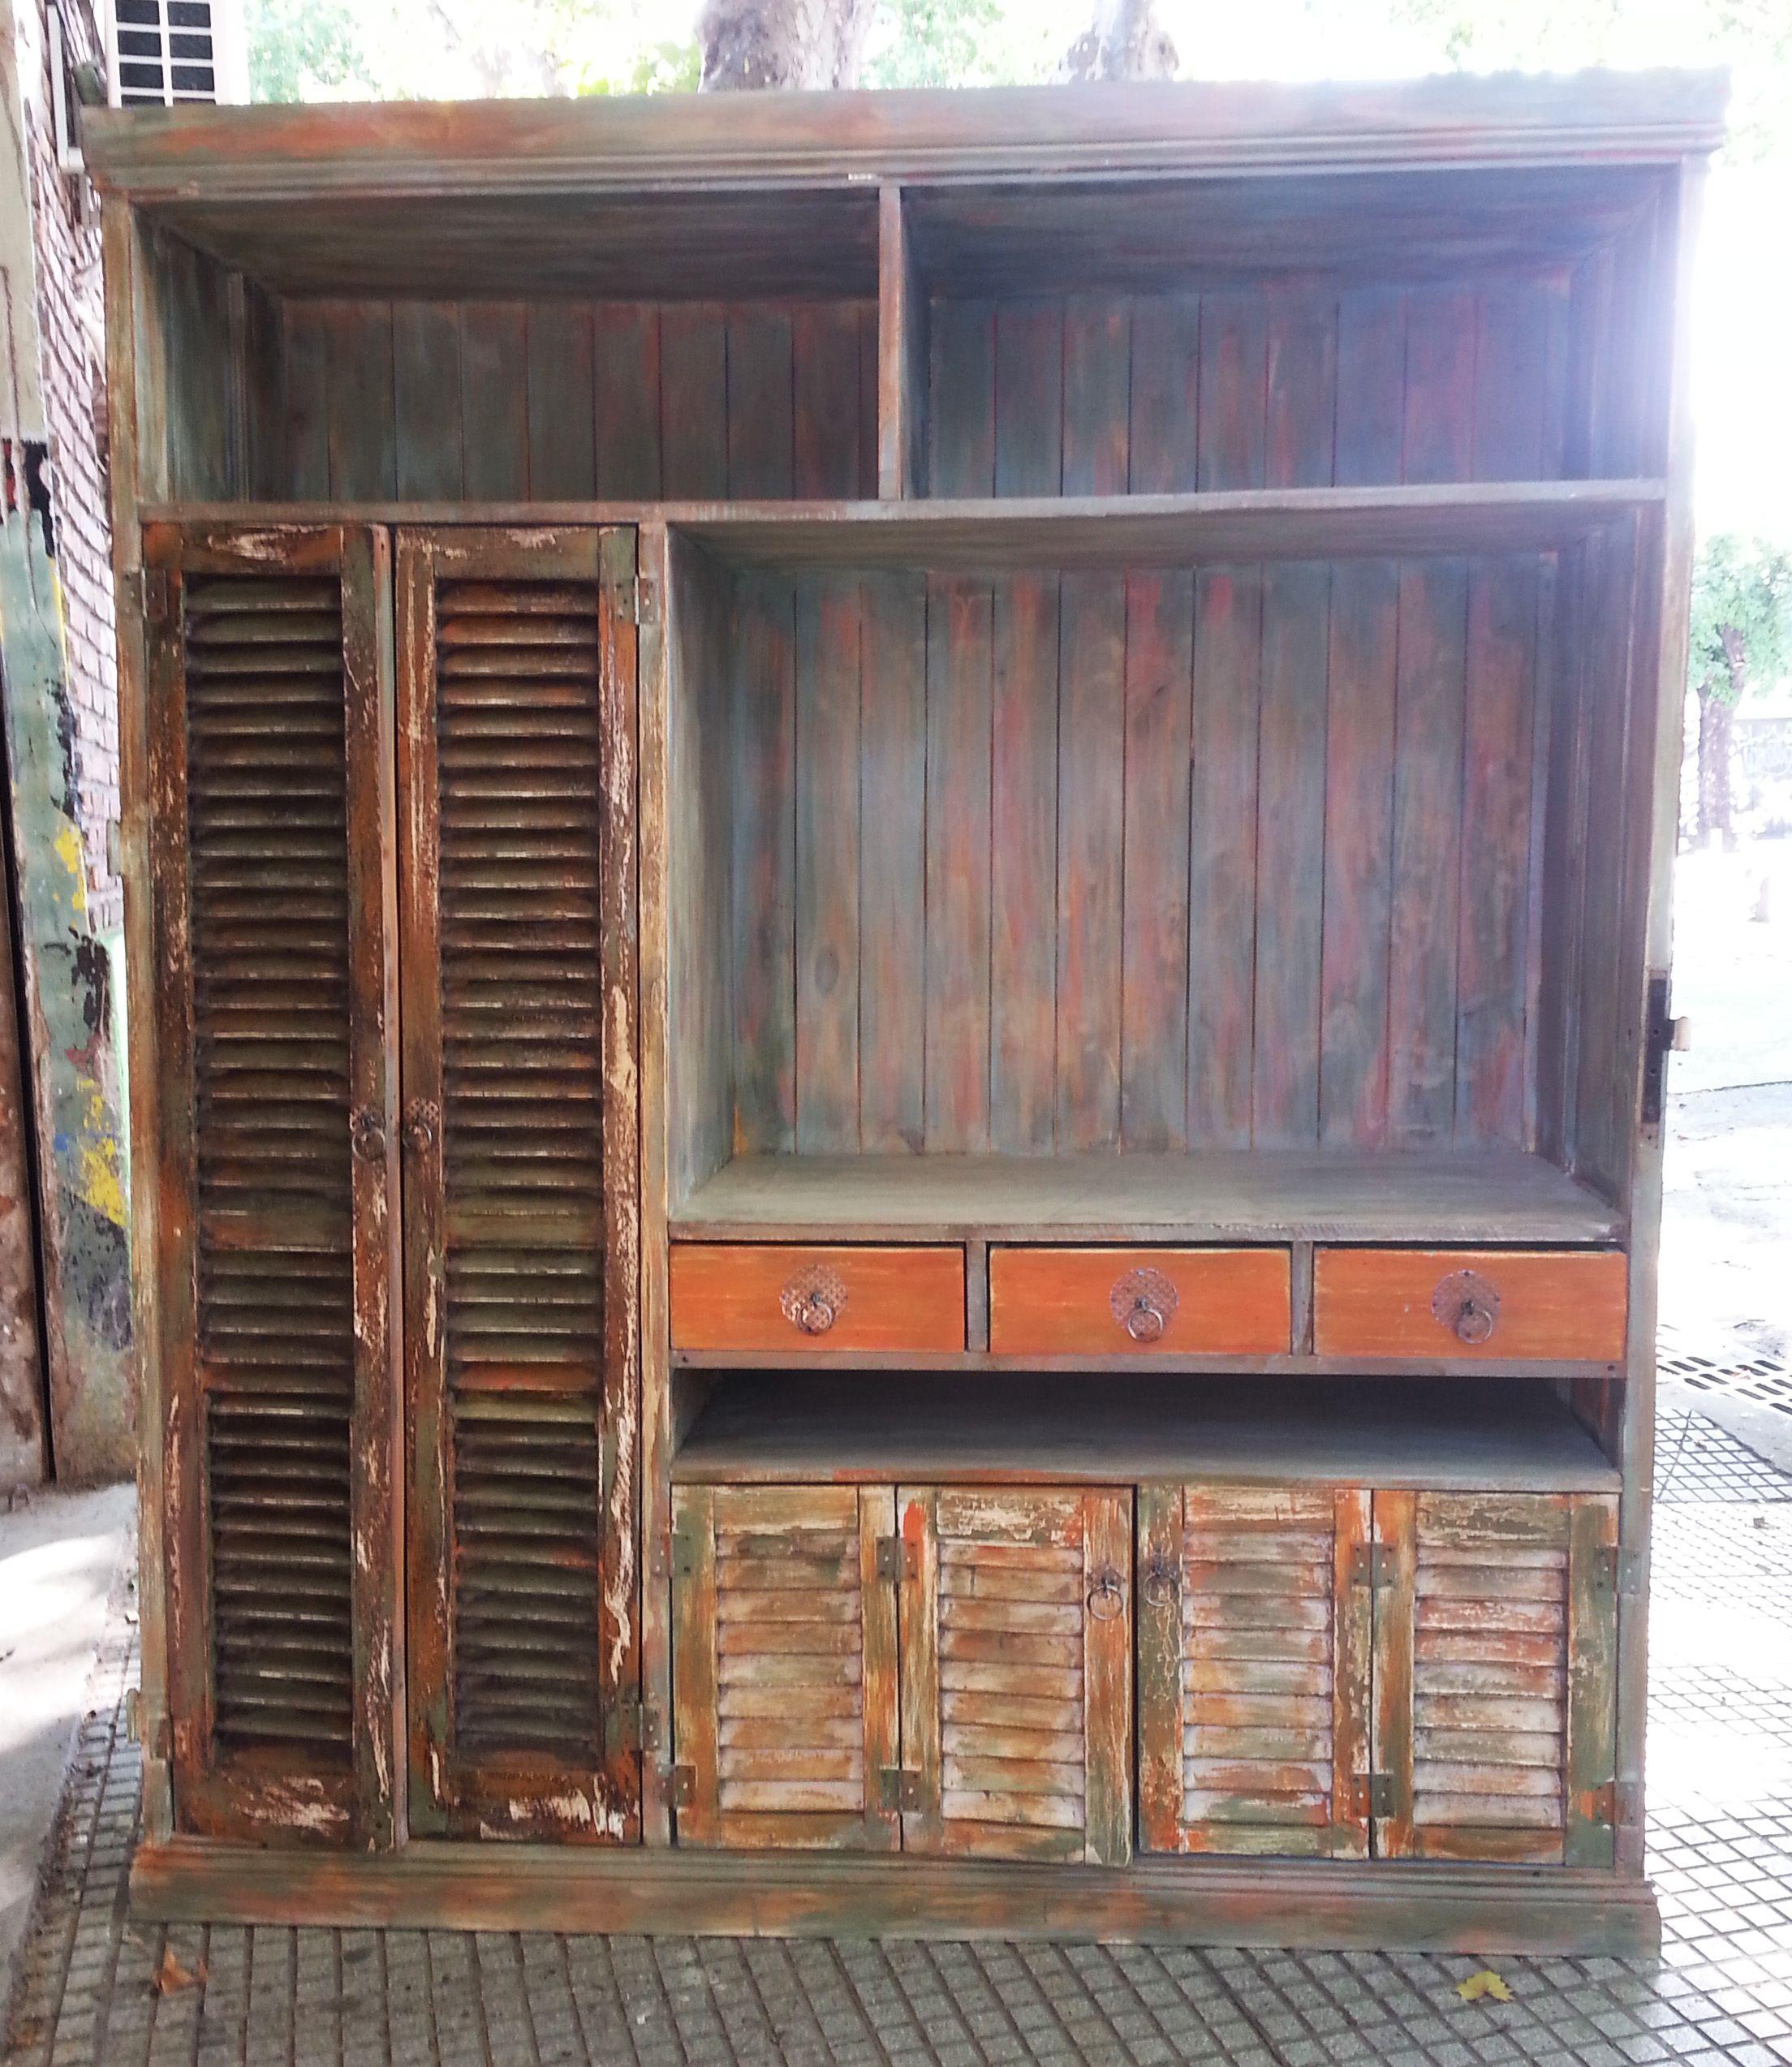 Muebles Con Alzada Muebles Rusticos Madera Reciclada Ropero Muebles Rusticos Pallets De Madera Muebles